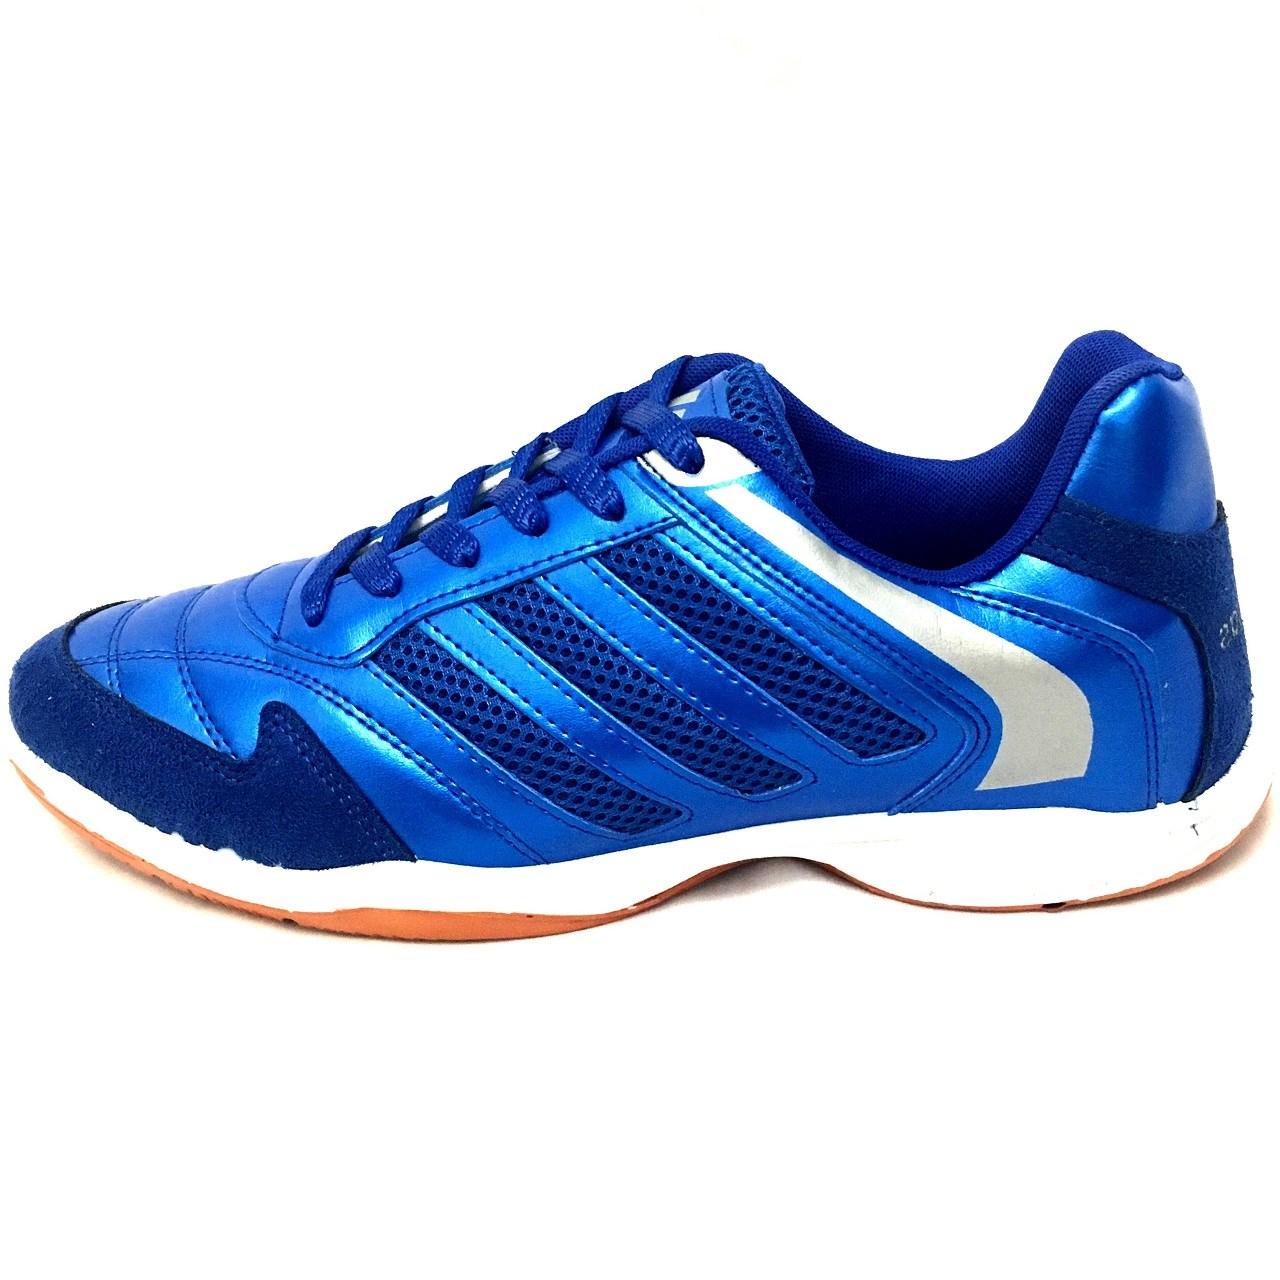 قیمت کفش فوتسال مردانه مدل A010